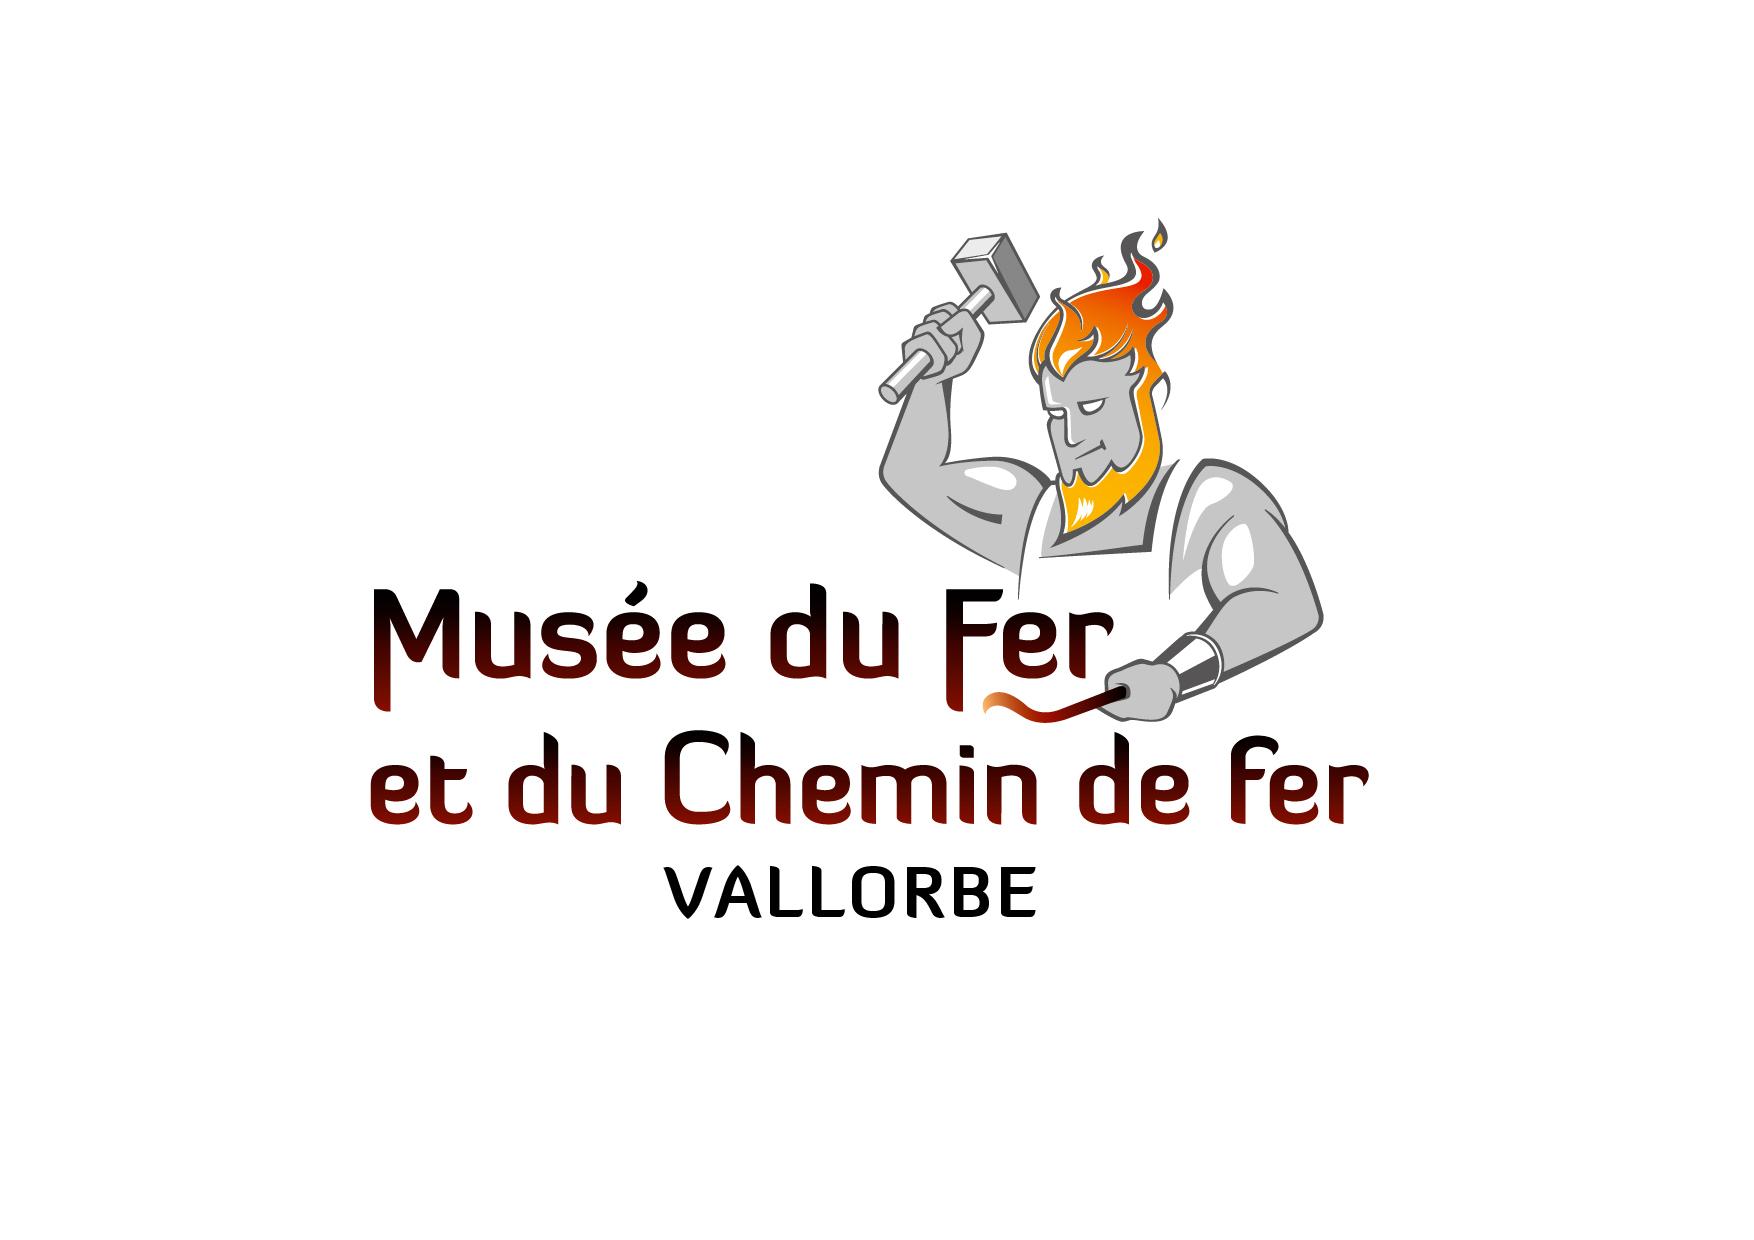 Musée du Fer et du Chemin de fer